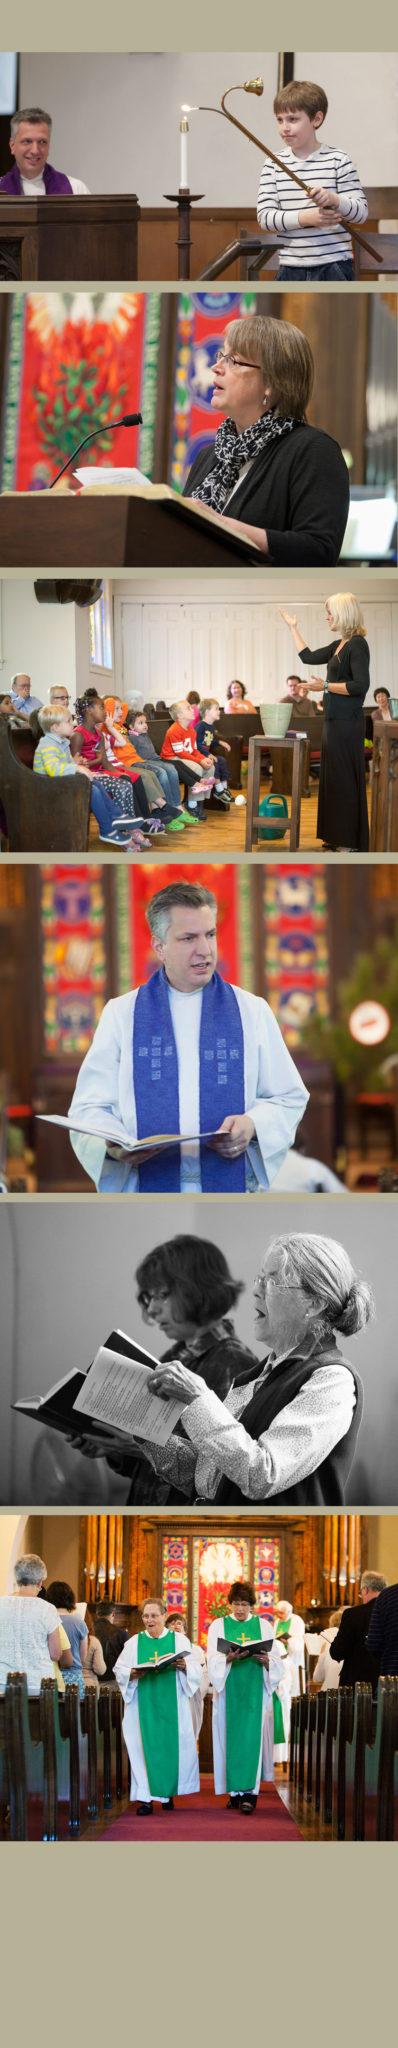 Worship-Panel2